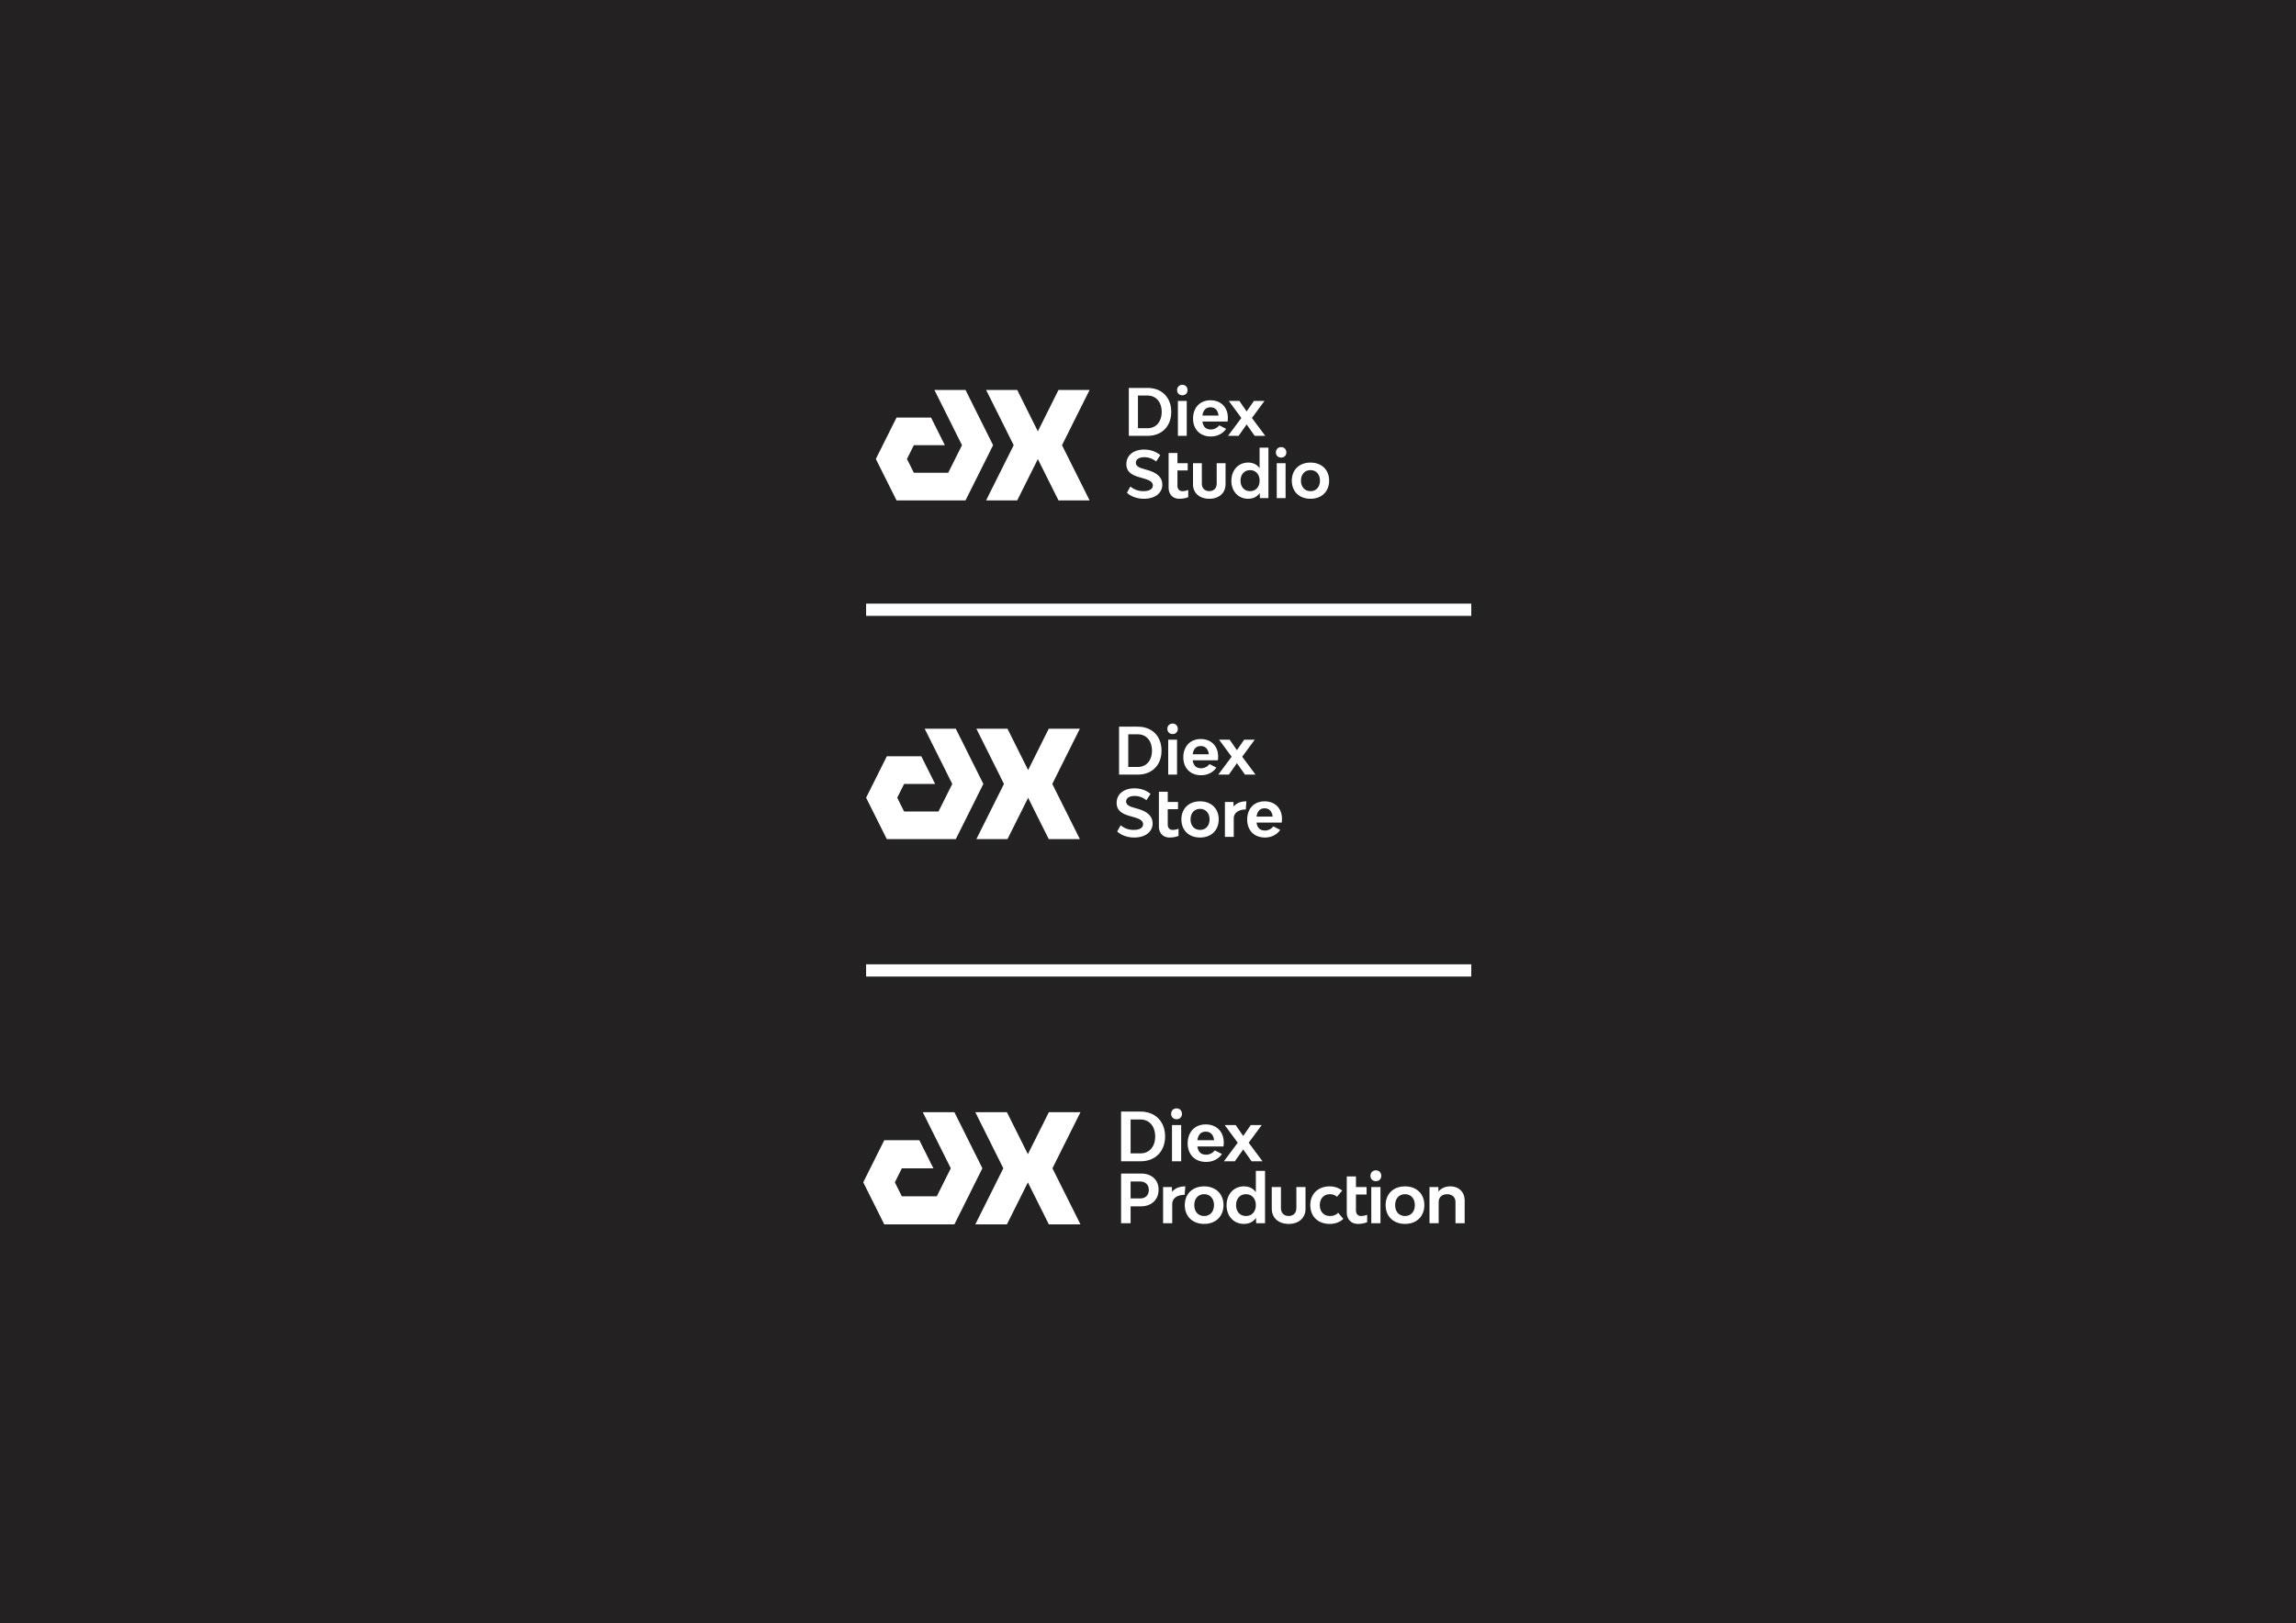 4.1-diex-studio